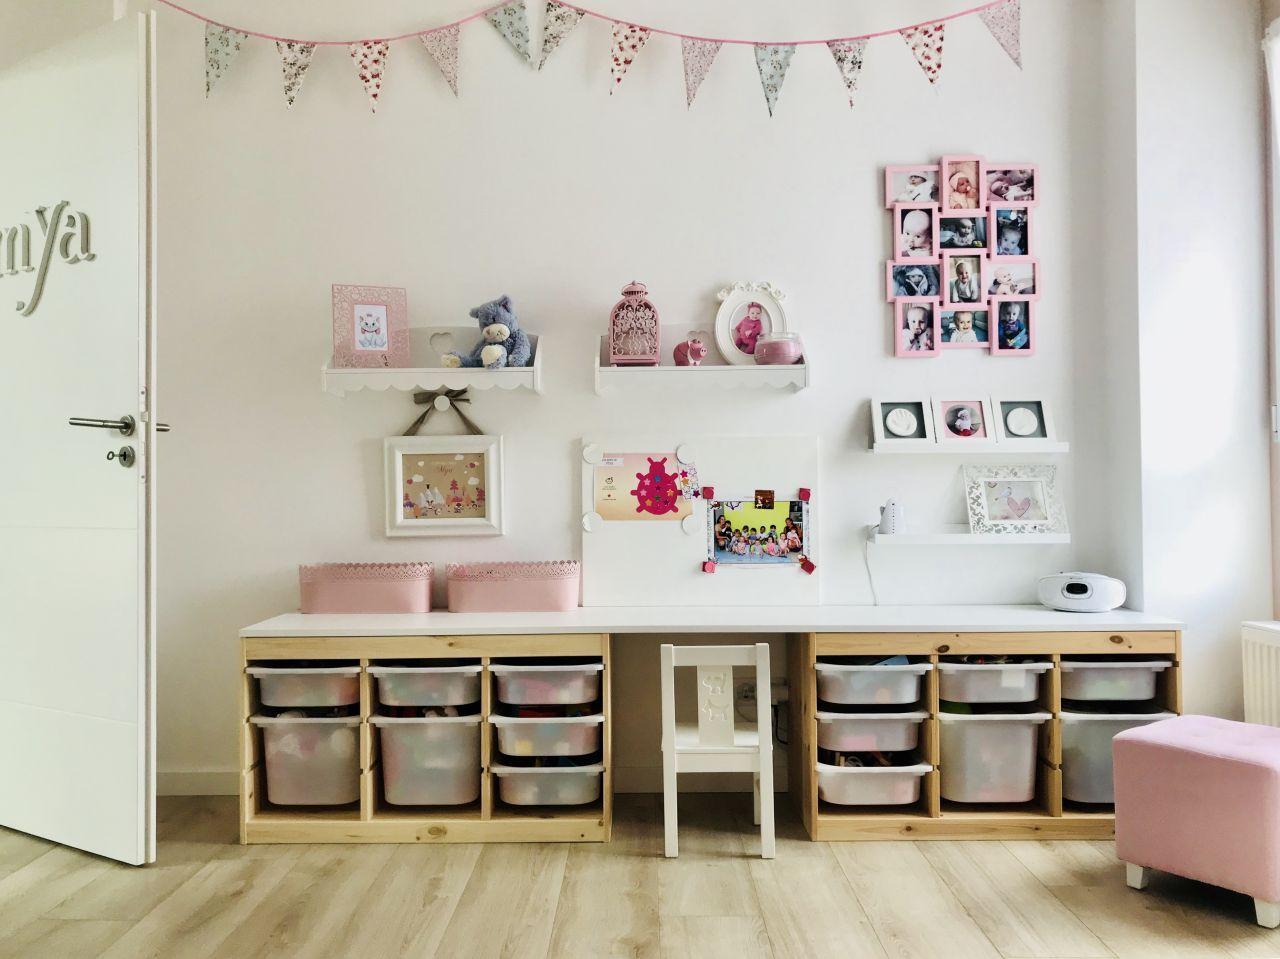 Chambre de notre fille bureau rangements jouets étagères